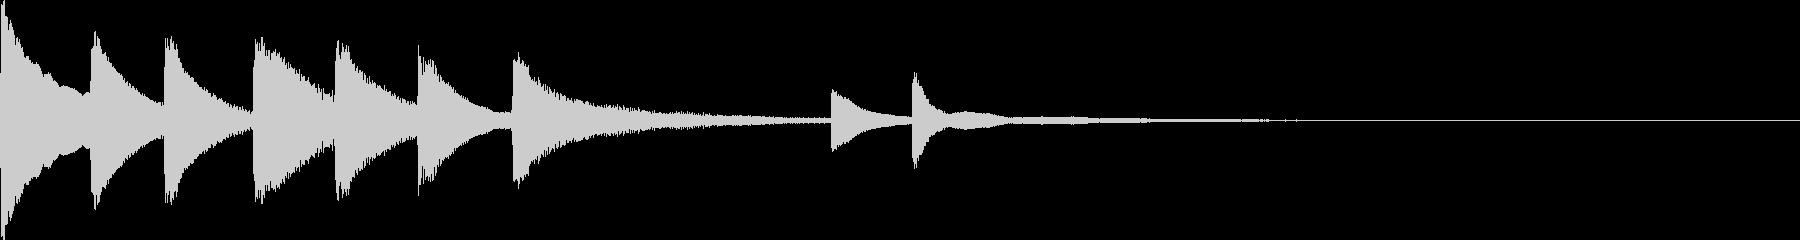 シンプルで切ないピアノのジングルの未再生の波形